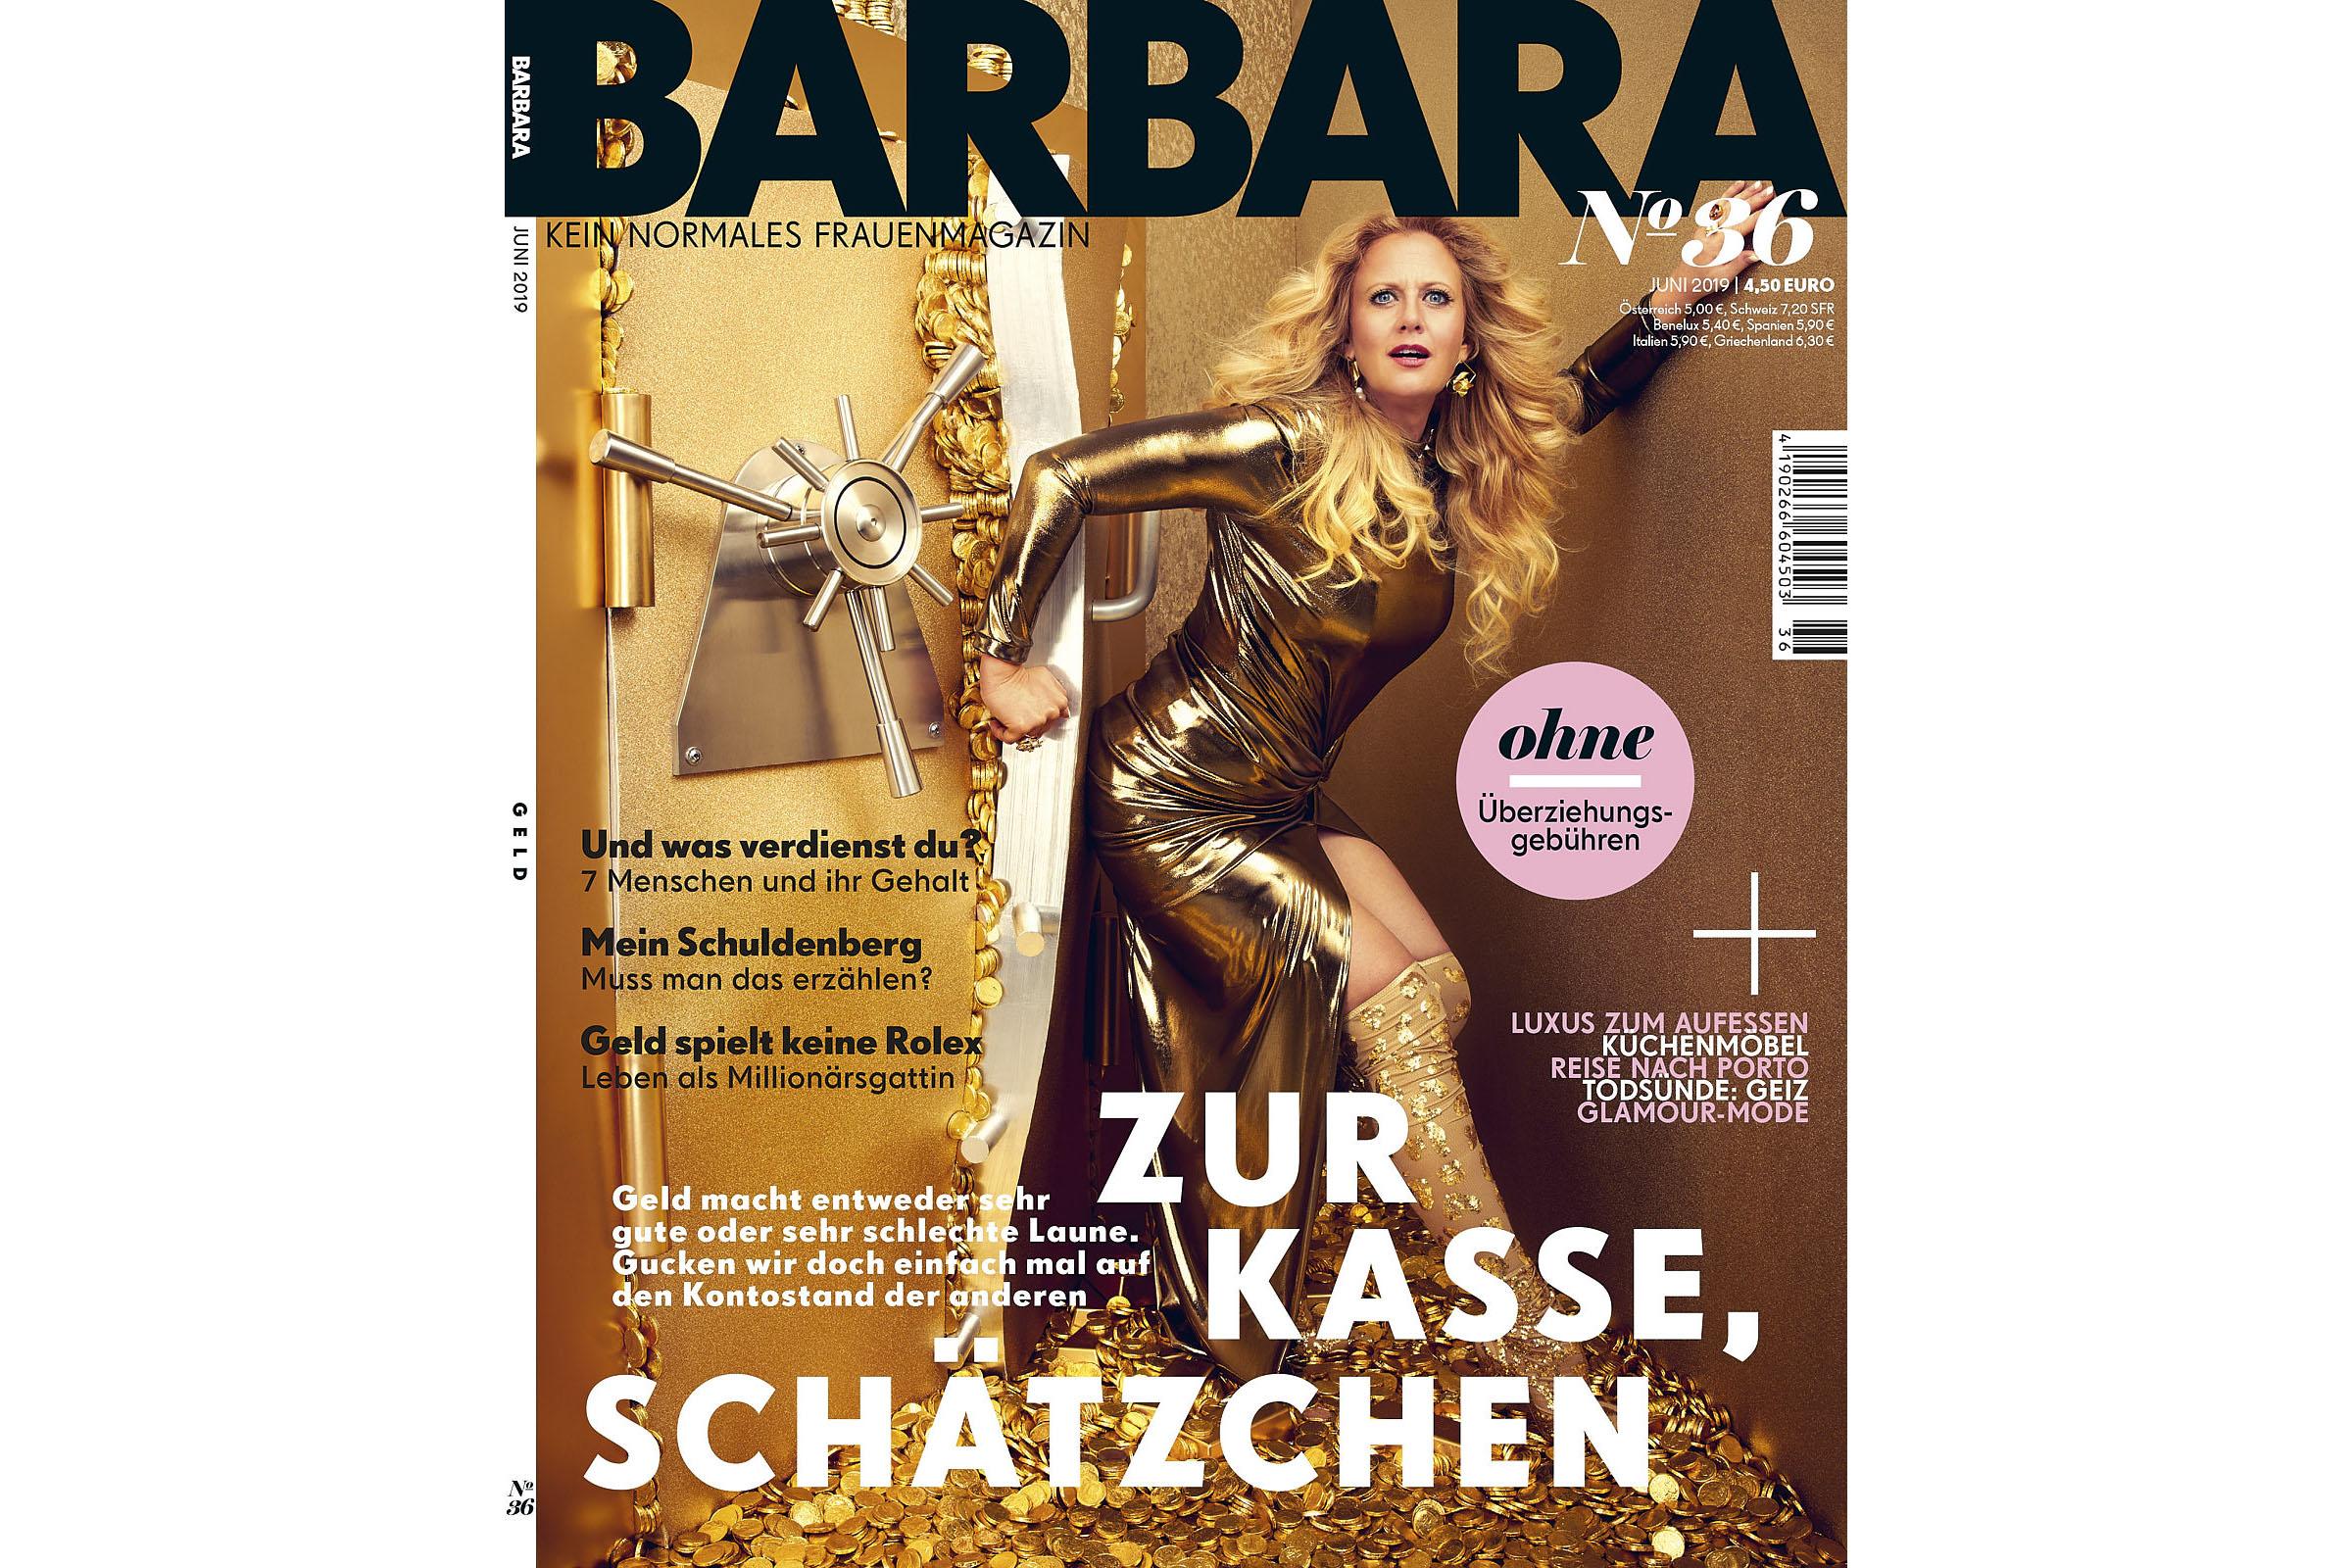 Barbara_#36_Cover_landscape